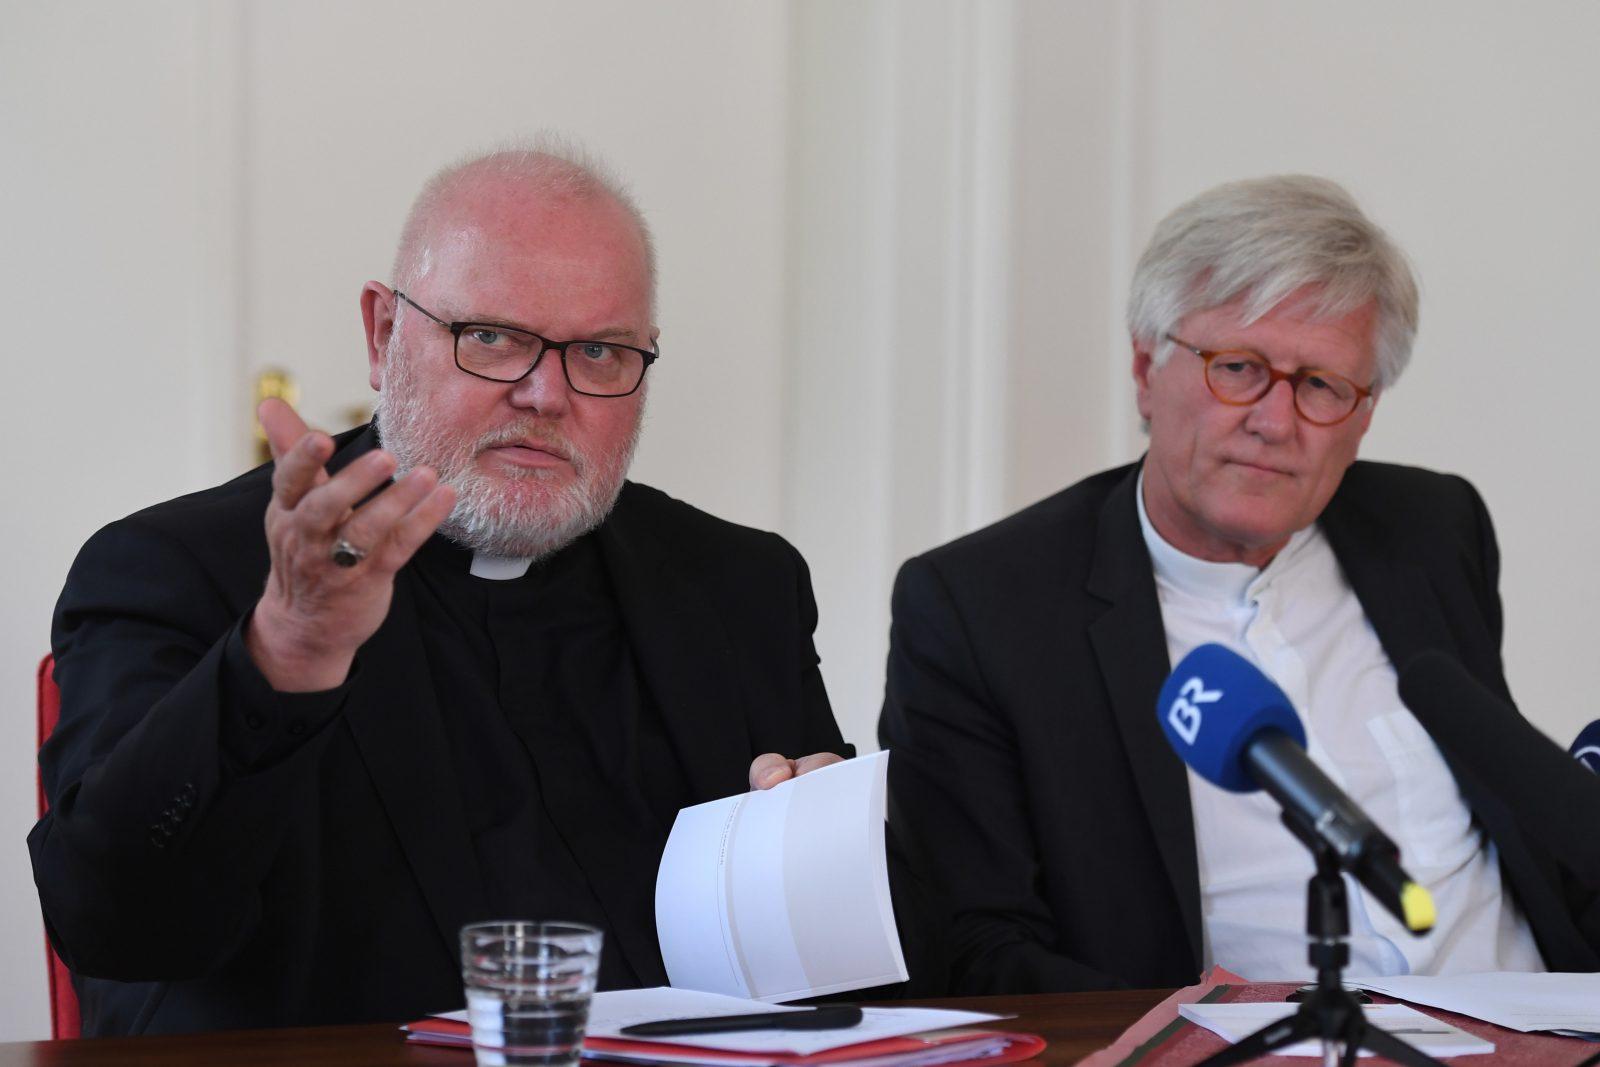 Kardinal Reinhard Marx (l.) und Heinrich Bedford-Strohm